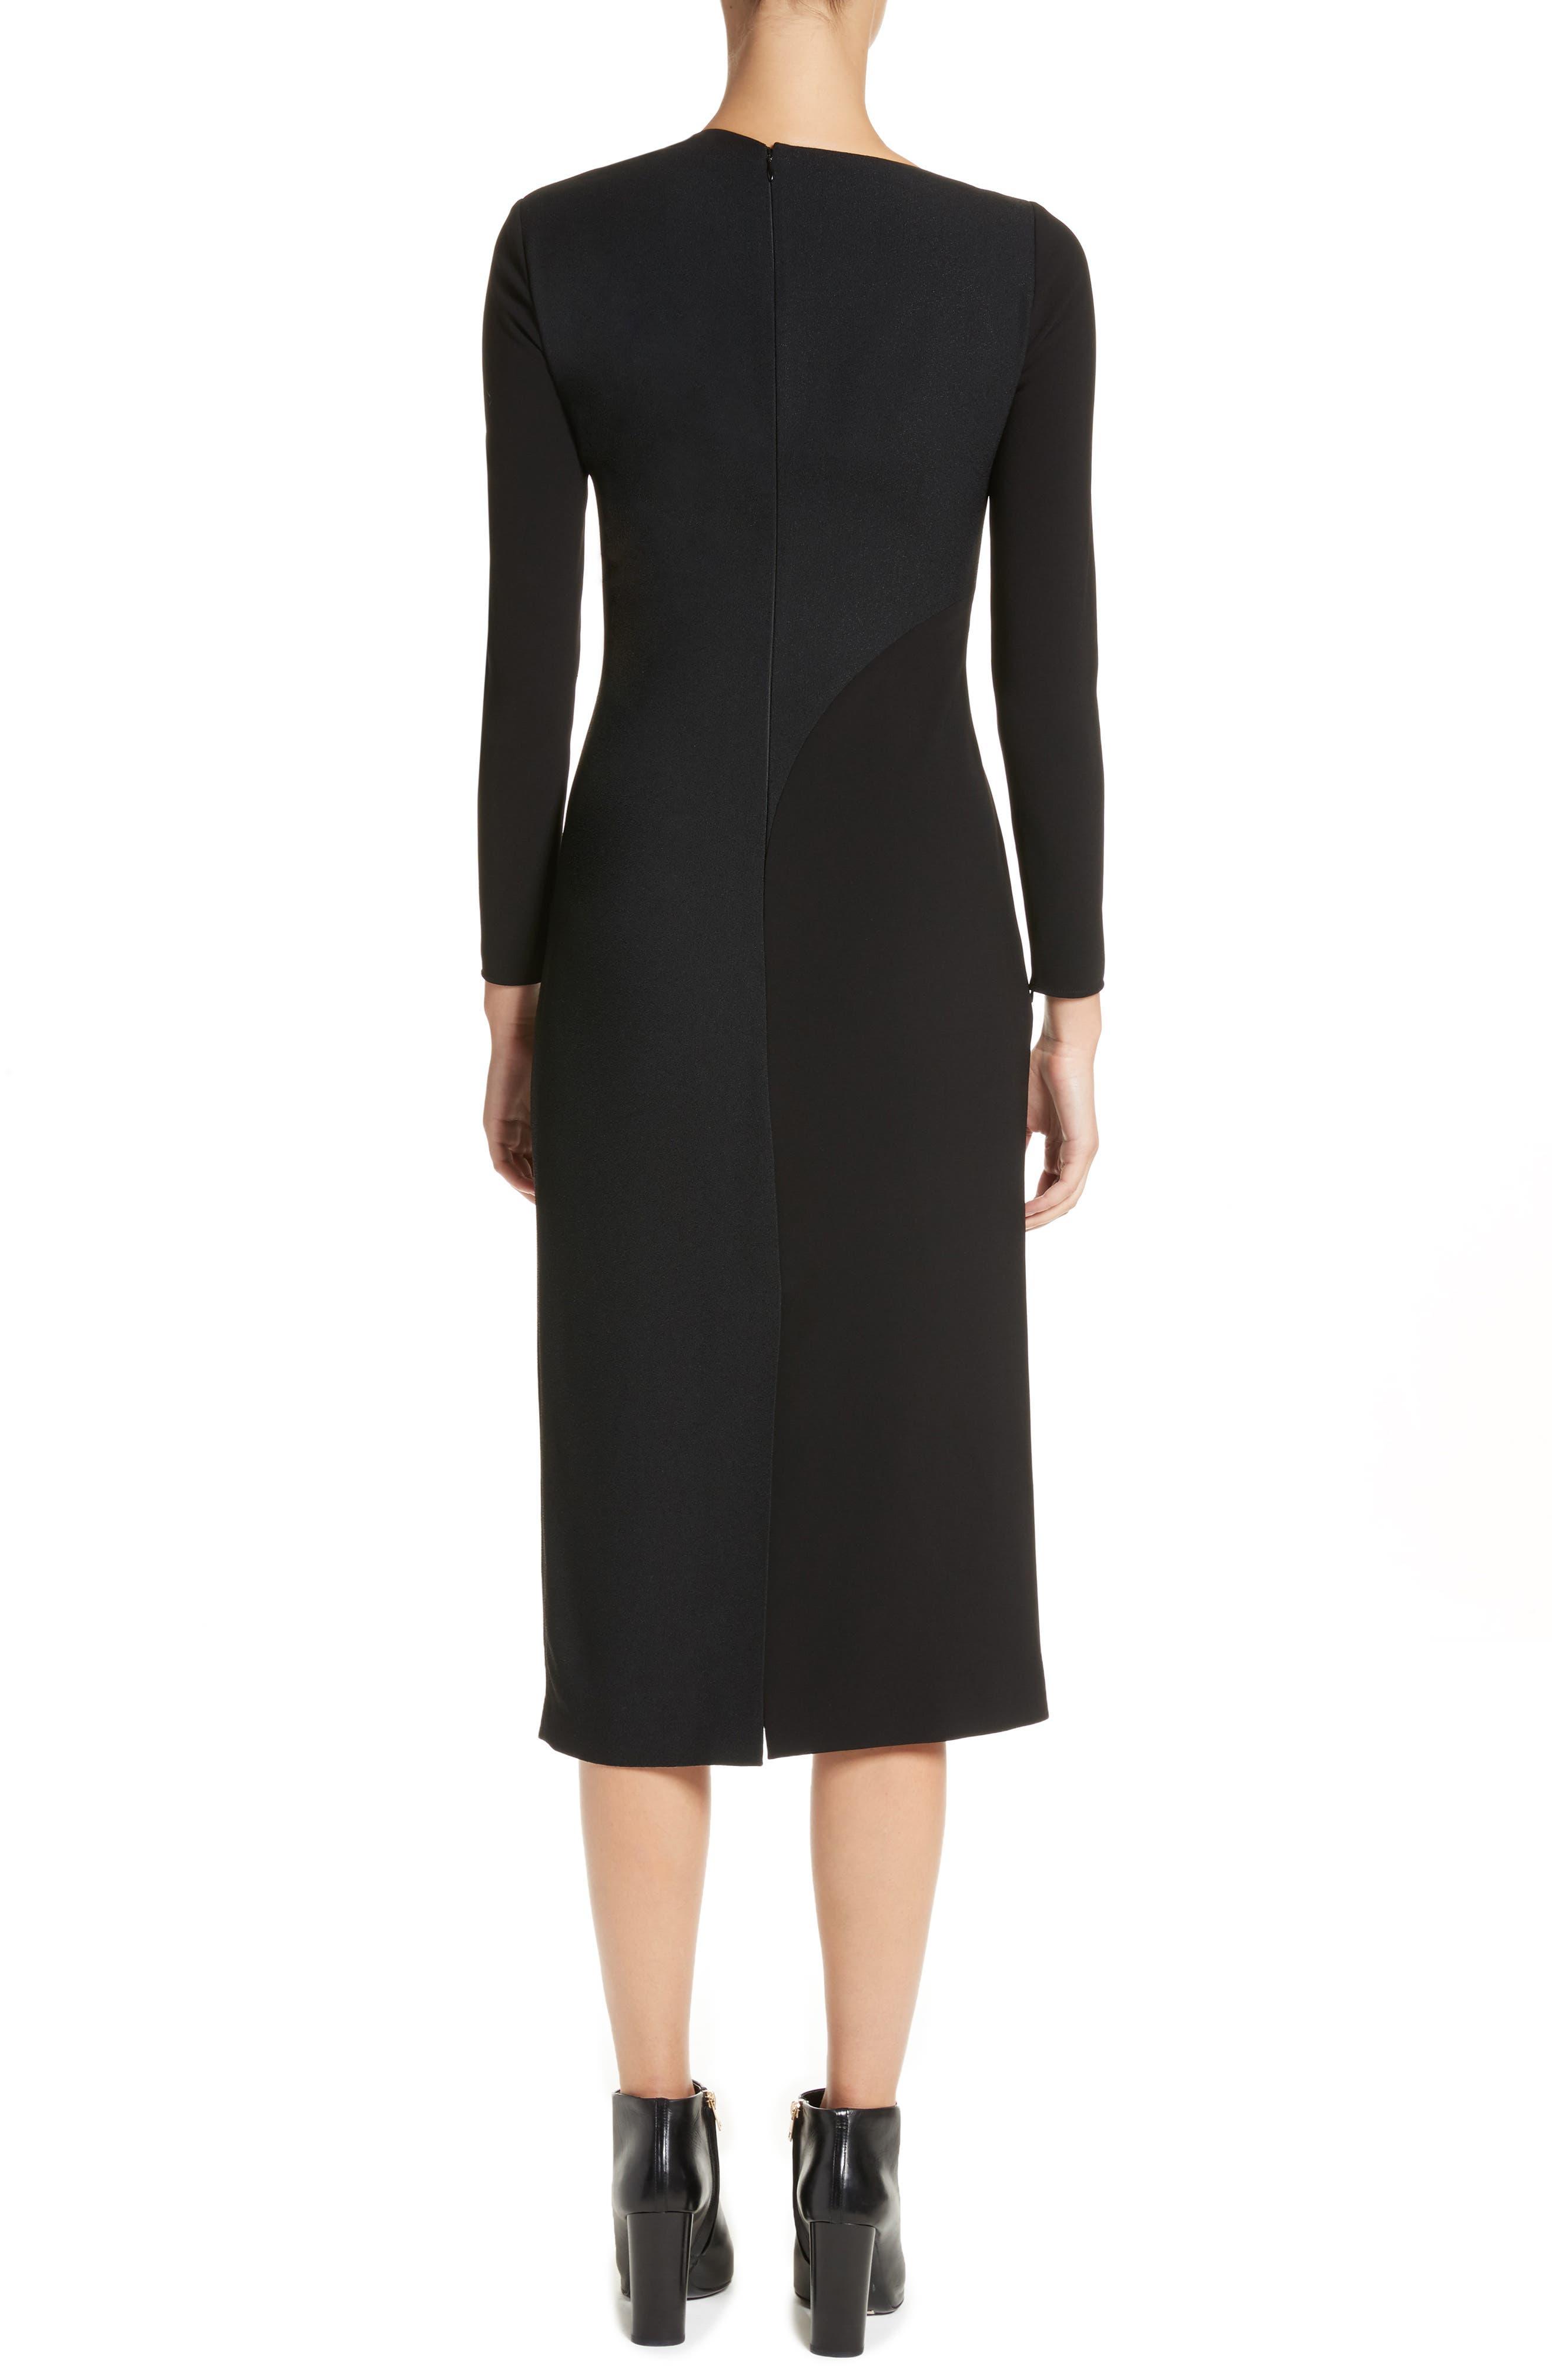 Fabiana Slash Neck Panel Dress,                             Alternate thumbnail 2, color,                             001